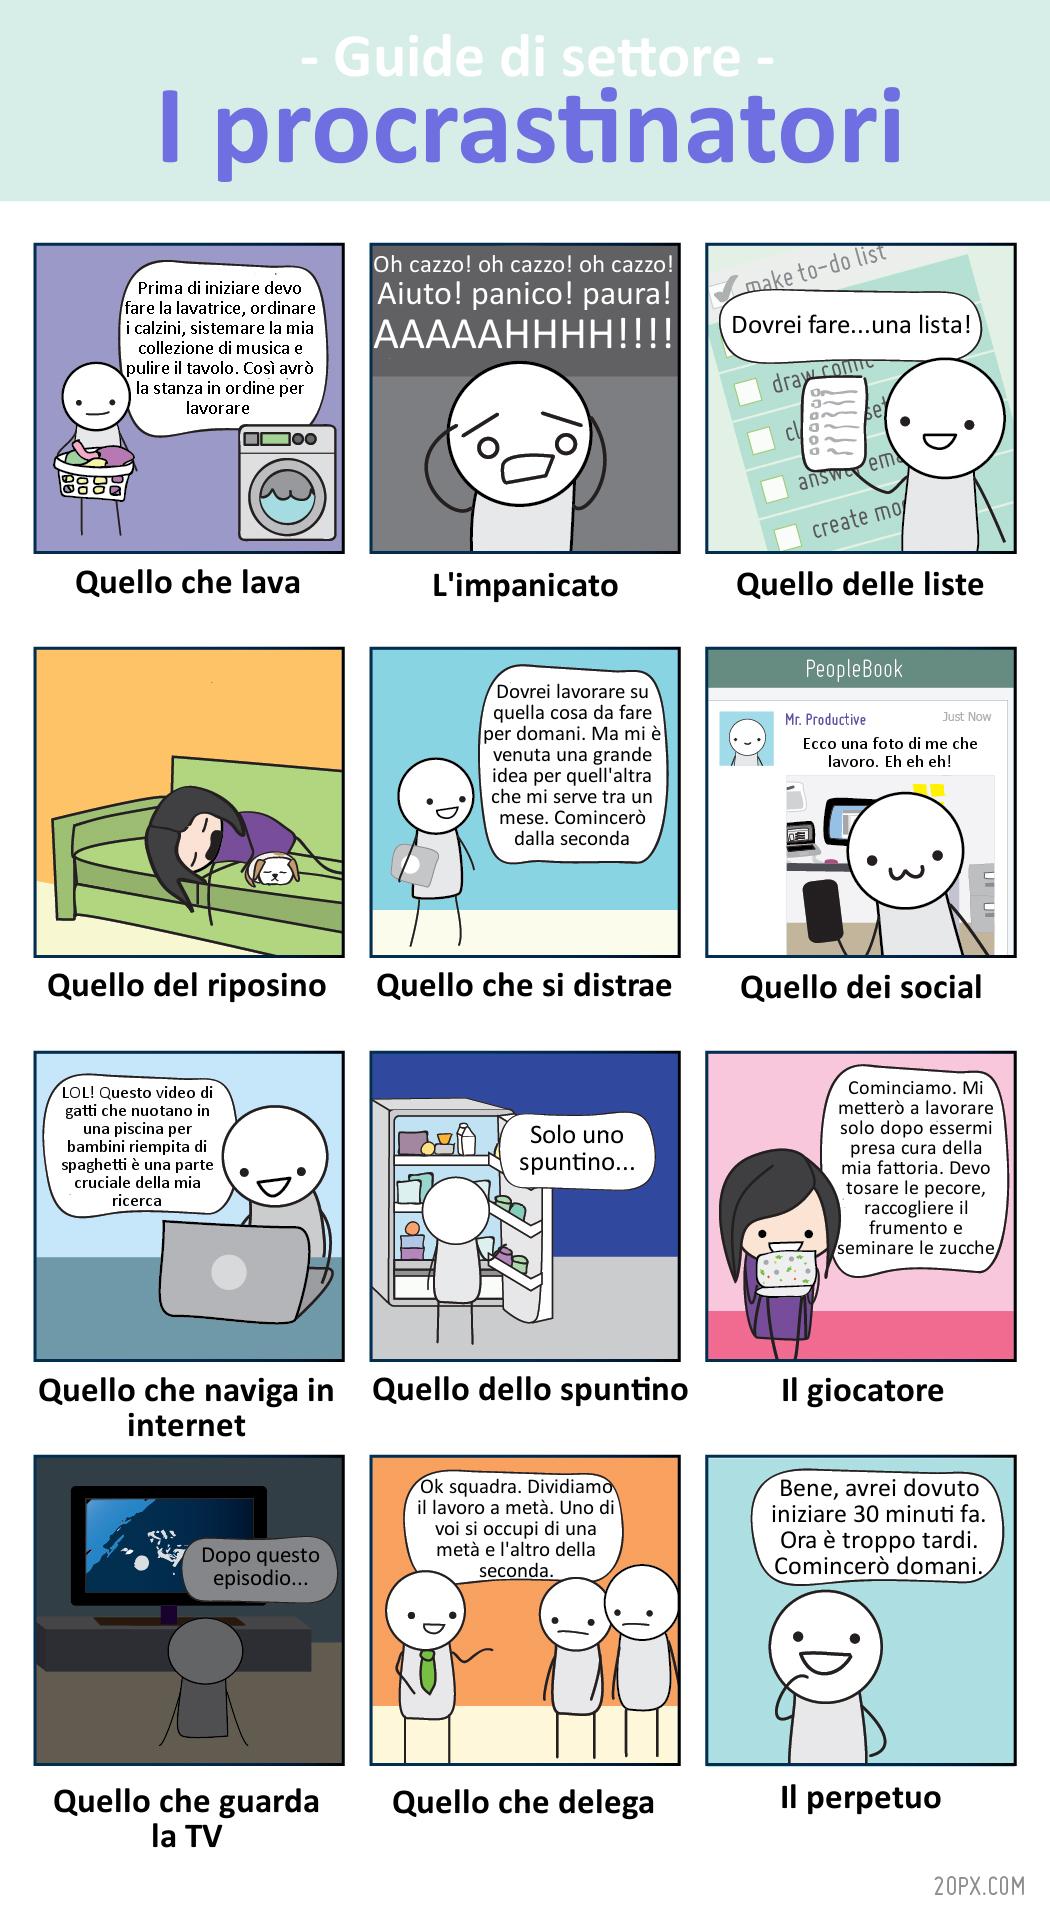 I procrastinatori - 20px